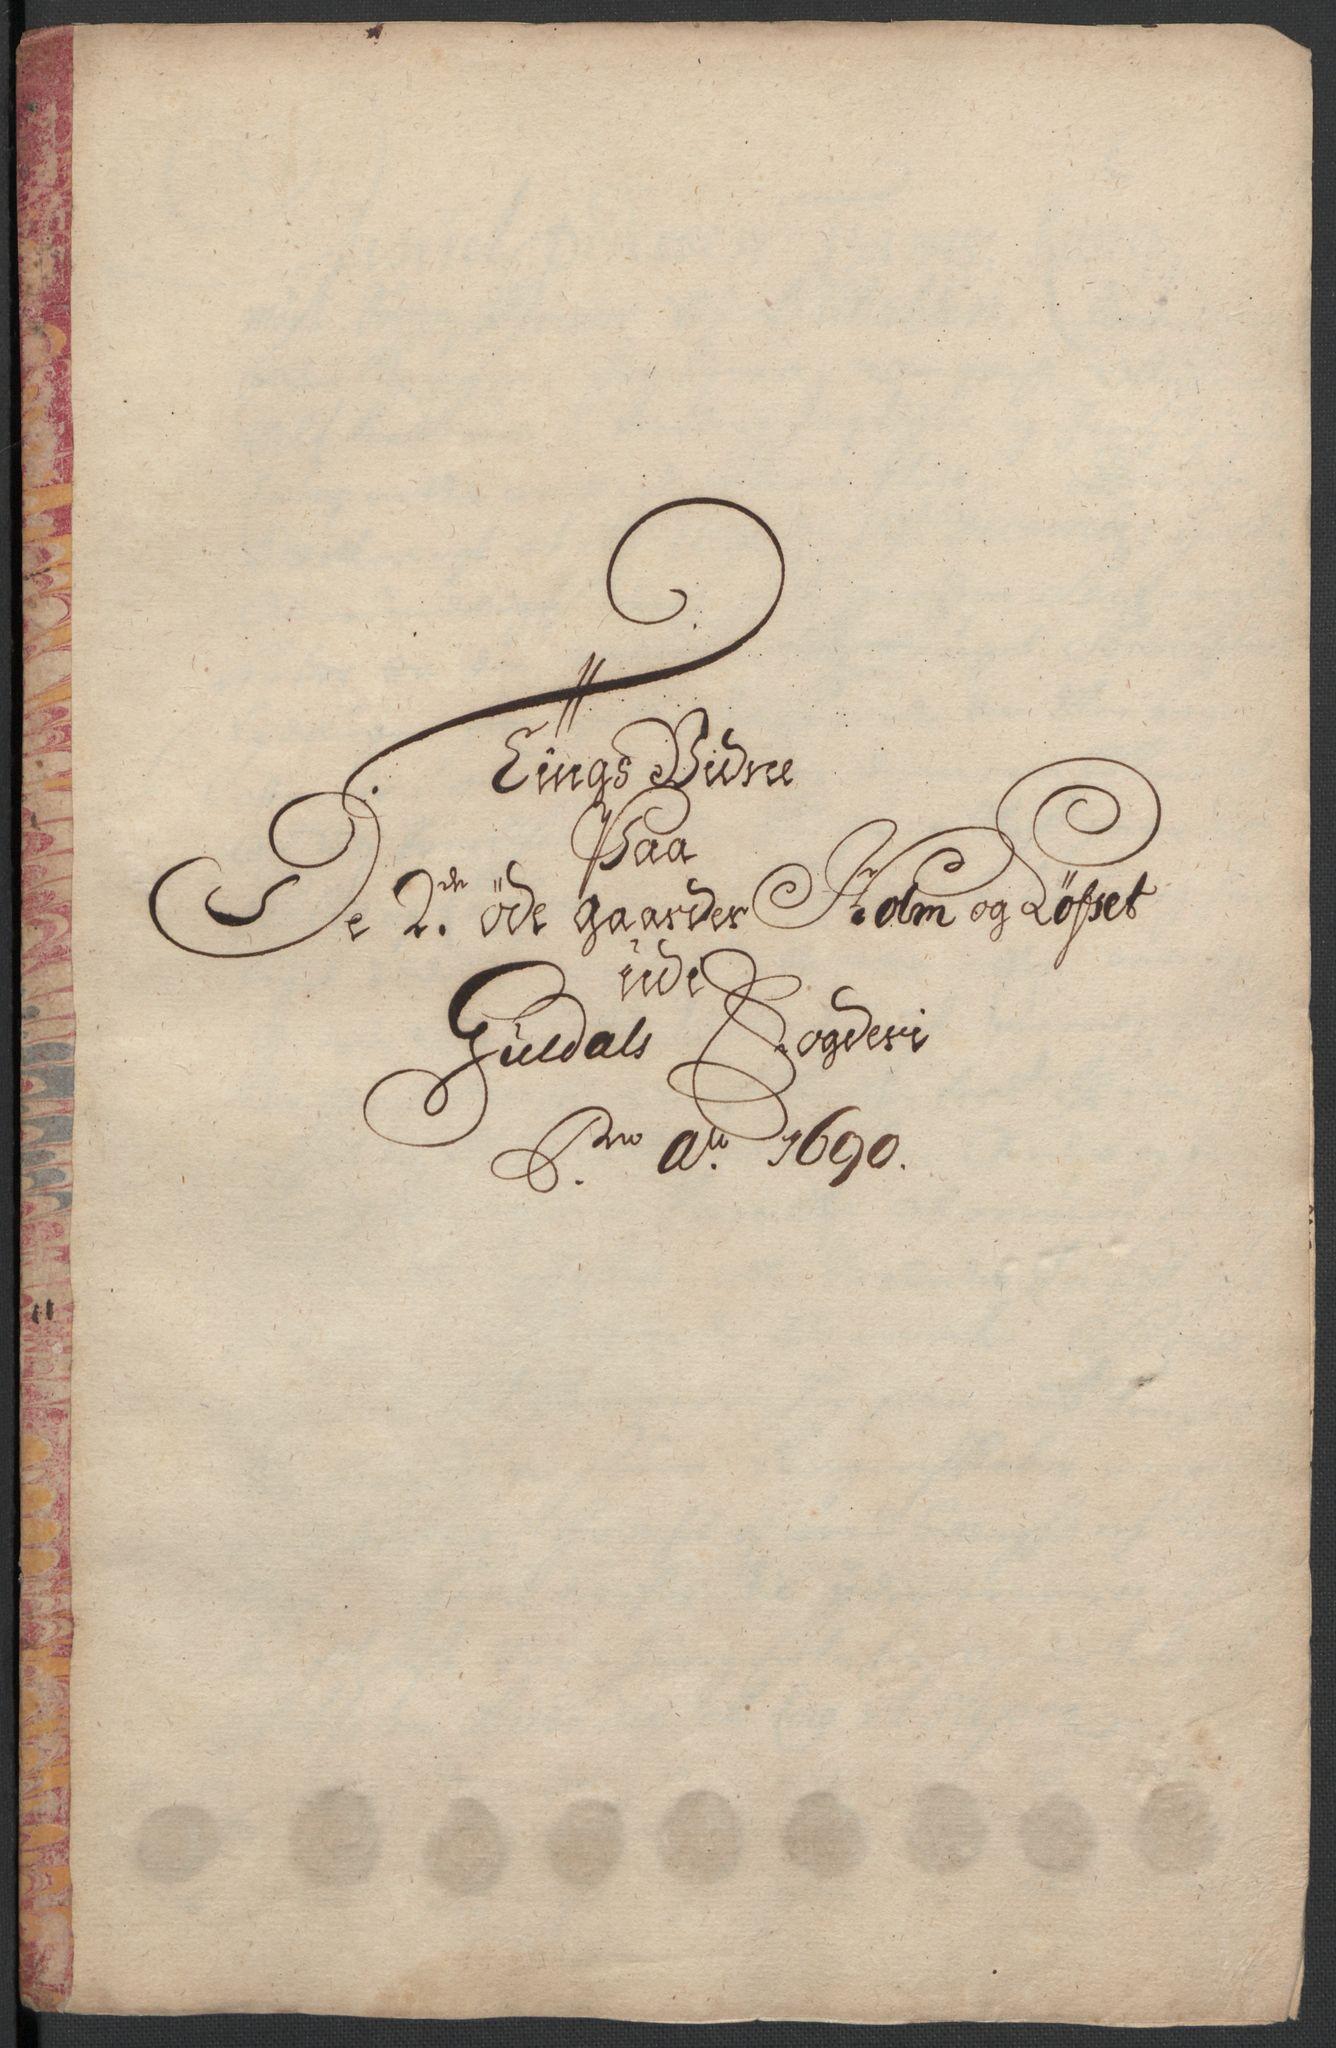 RA, Rentekammeret inntil 1814, Reviderte regnskaper, Fogderegnskap, R59/L3940: Fogderegnskap Gauldal, 1689-1690, s. 412